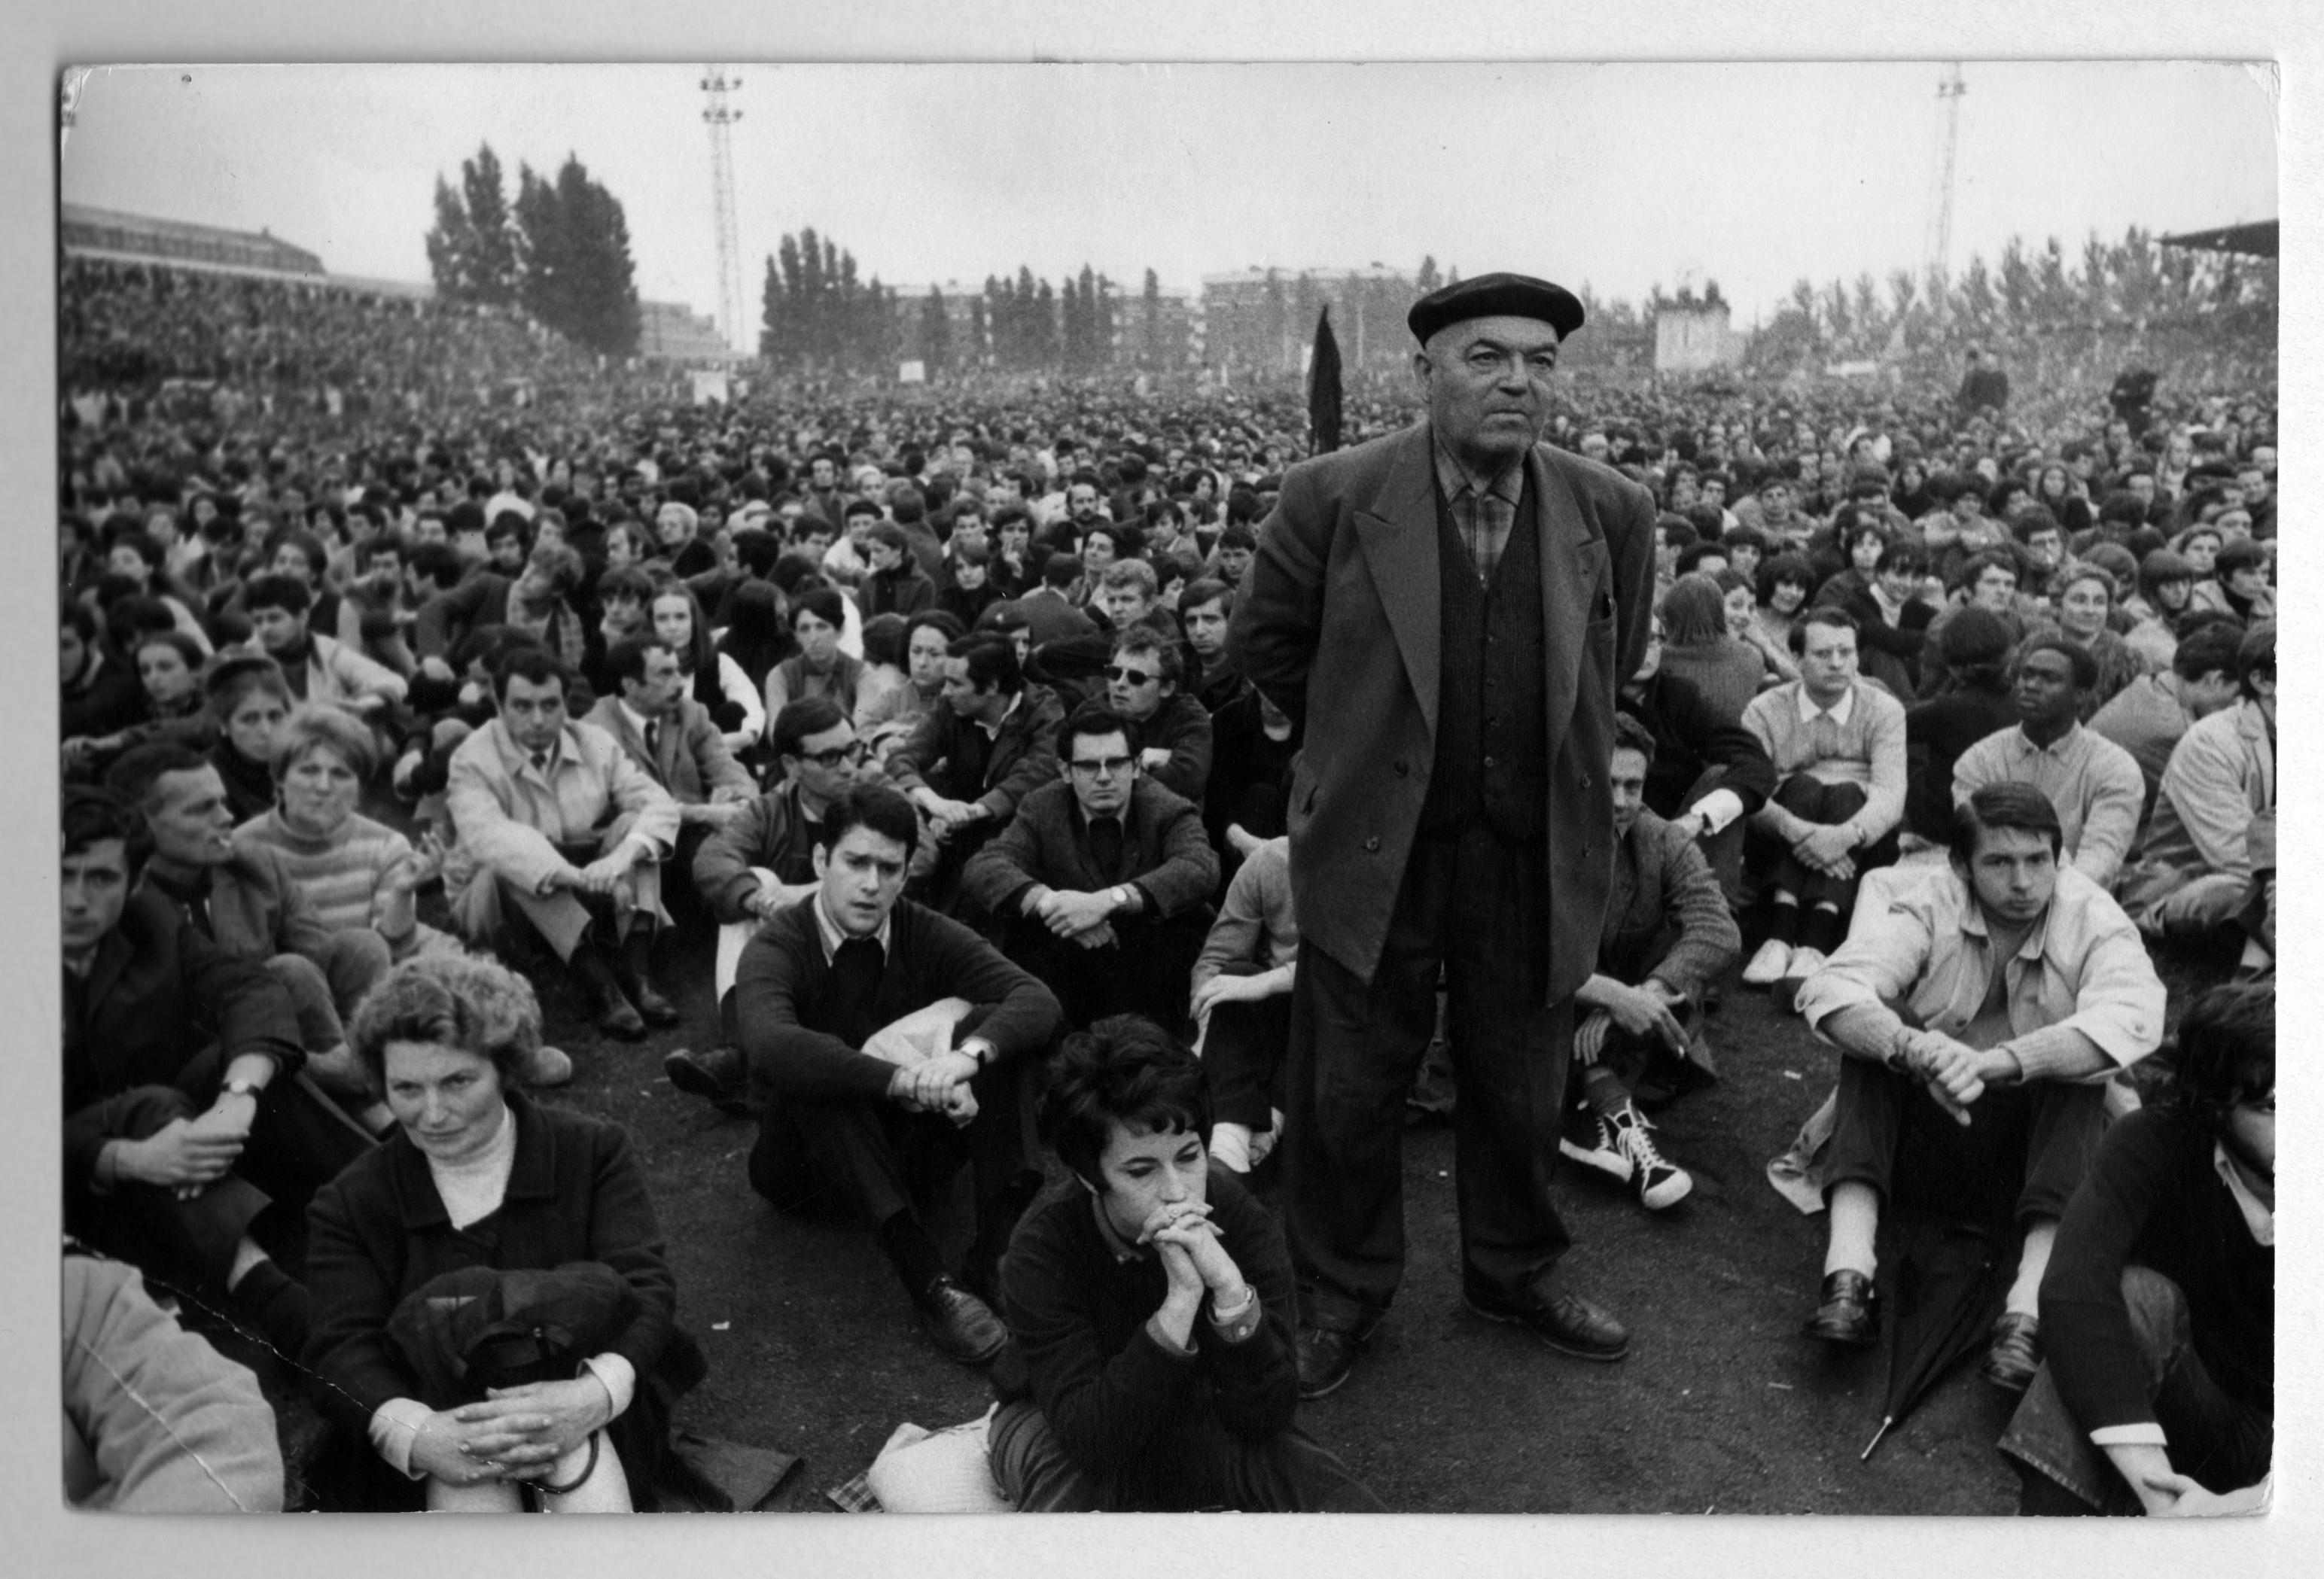 BRUNO BARBEY  - May 27 1968. 13th Arrondissement, 81 Boulevard Kellerman, Paris. Meeting of workers and students at Charlety stadium. Vintage Print © BRUNO BARBEY